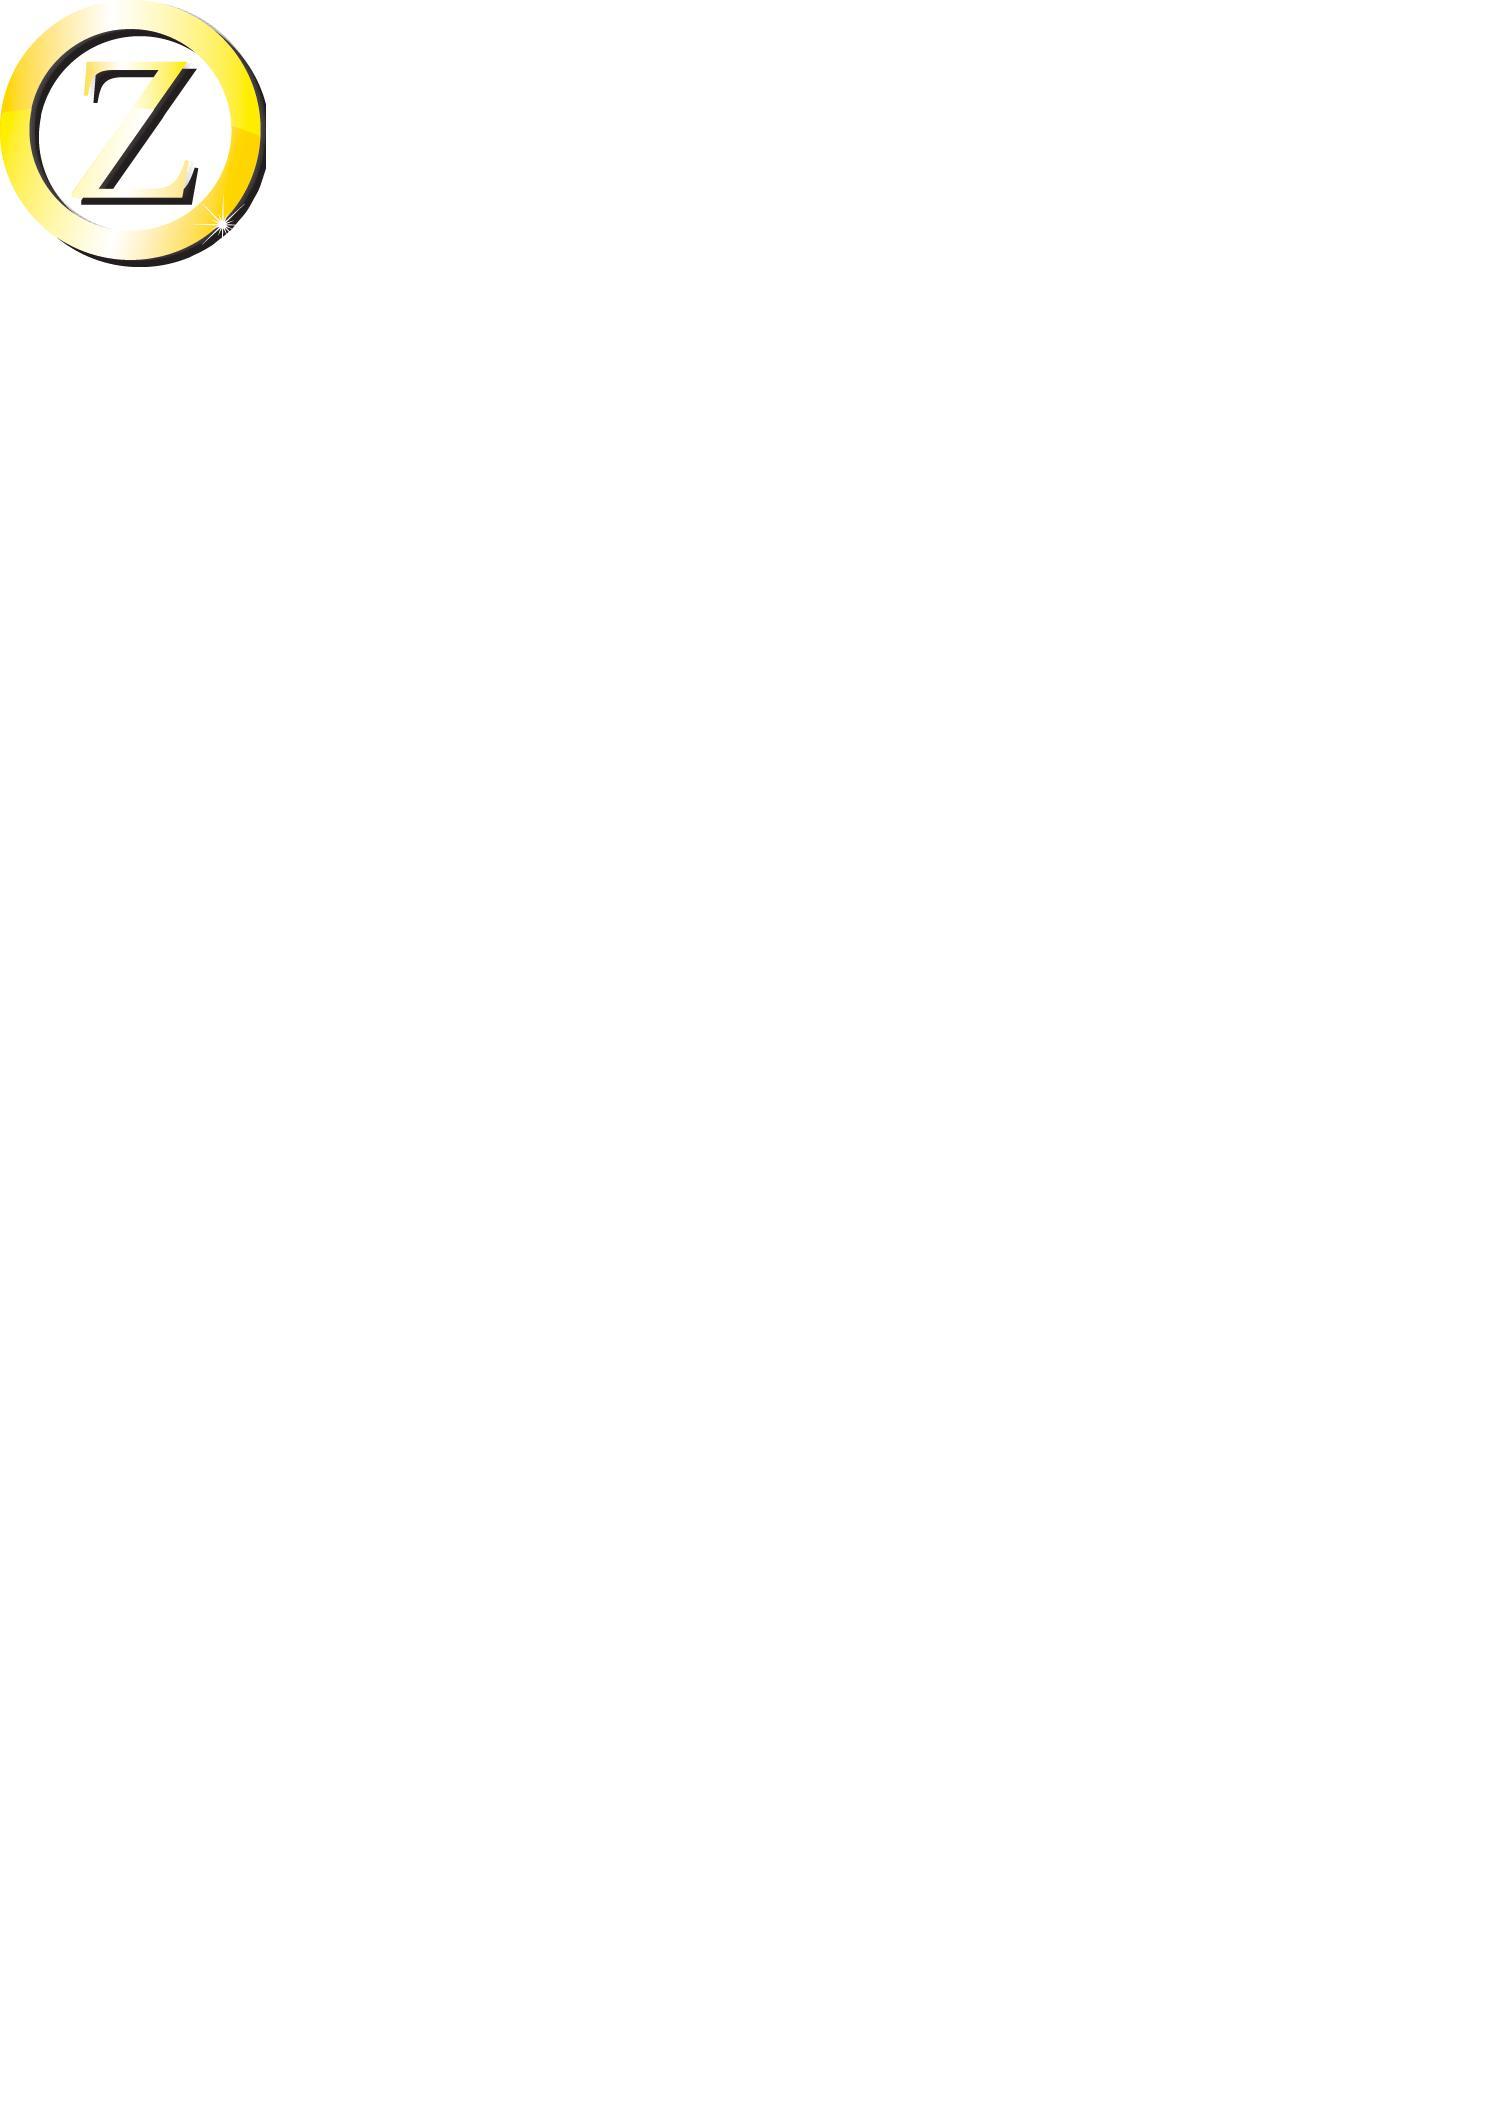 Купить полифасад в Киеве производство полифасада и